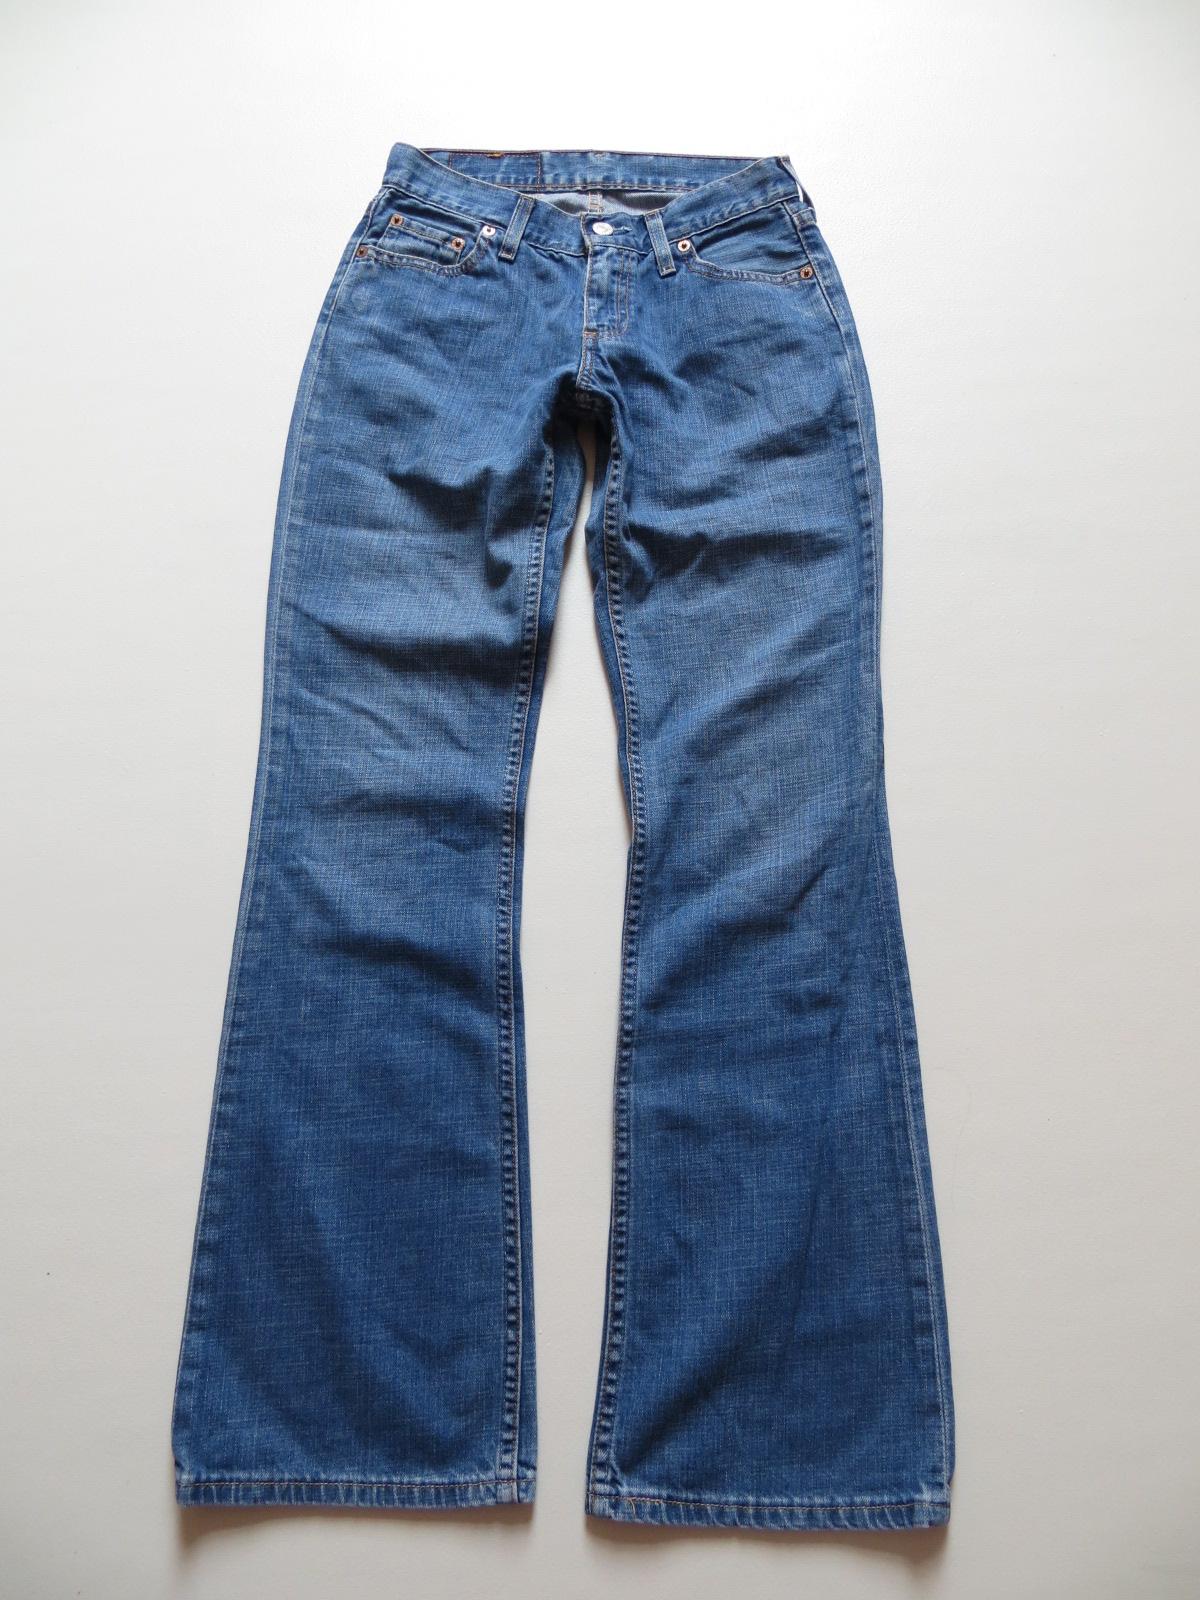 Details zu Levi's 529 Bootcut Jeans Hose, W 25 L 32, KULT ! 1703 washed Vintage Denim ! 34